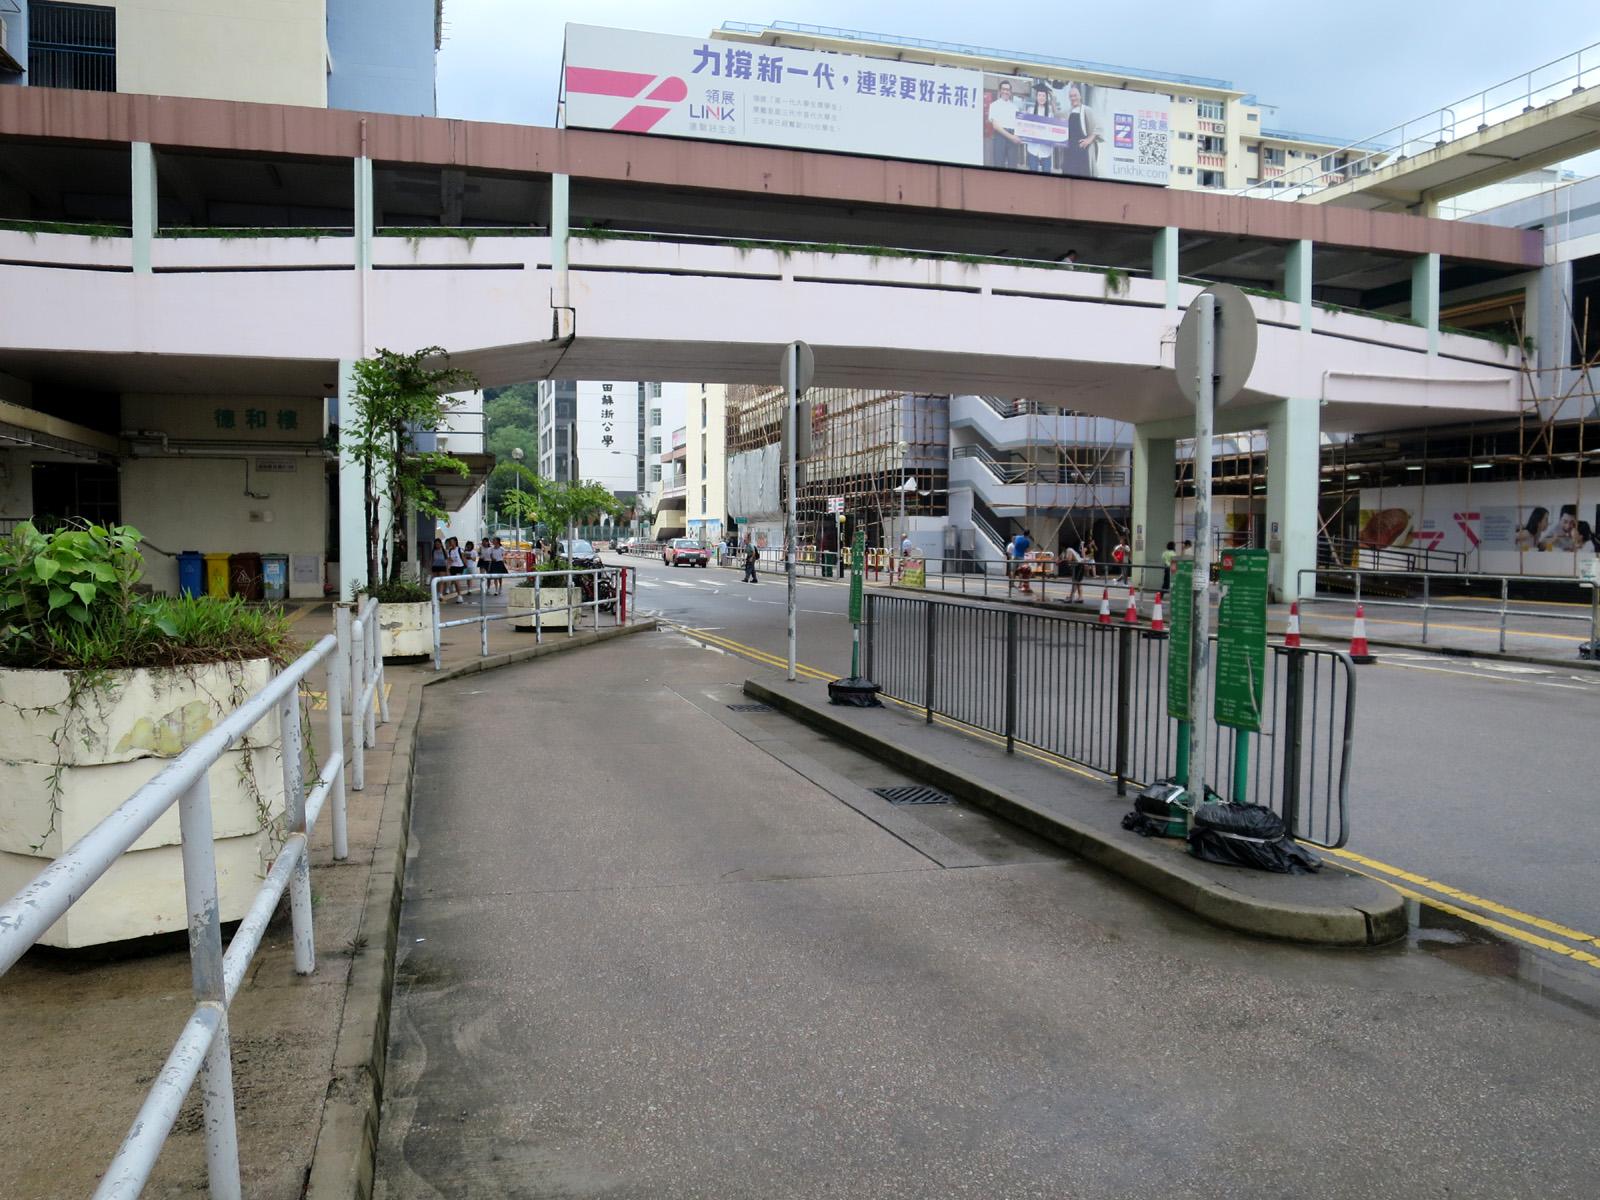 禾輋 (德厚街) 總站